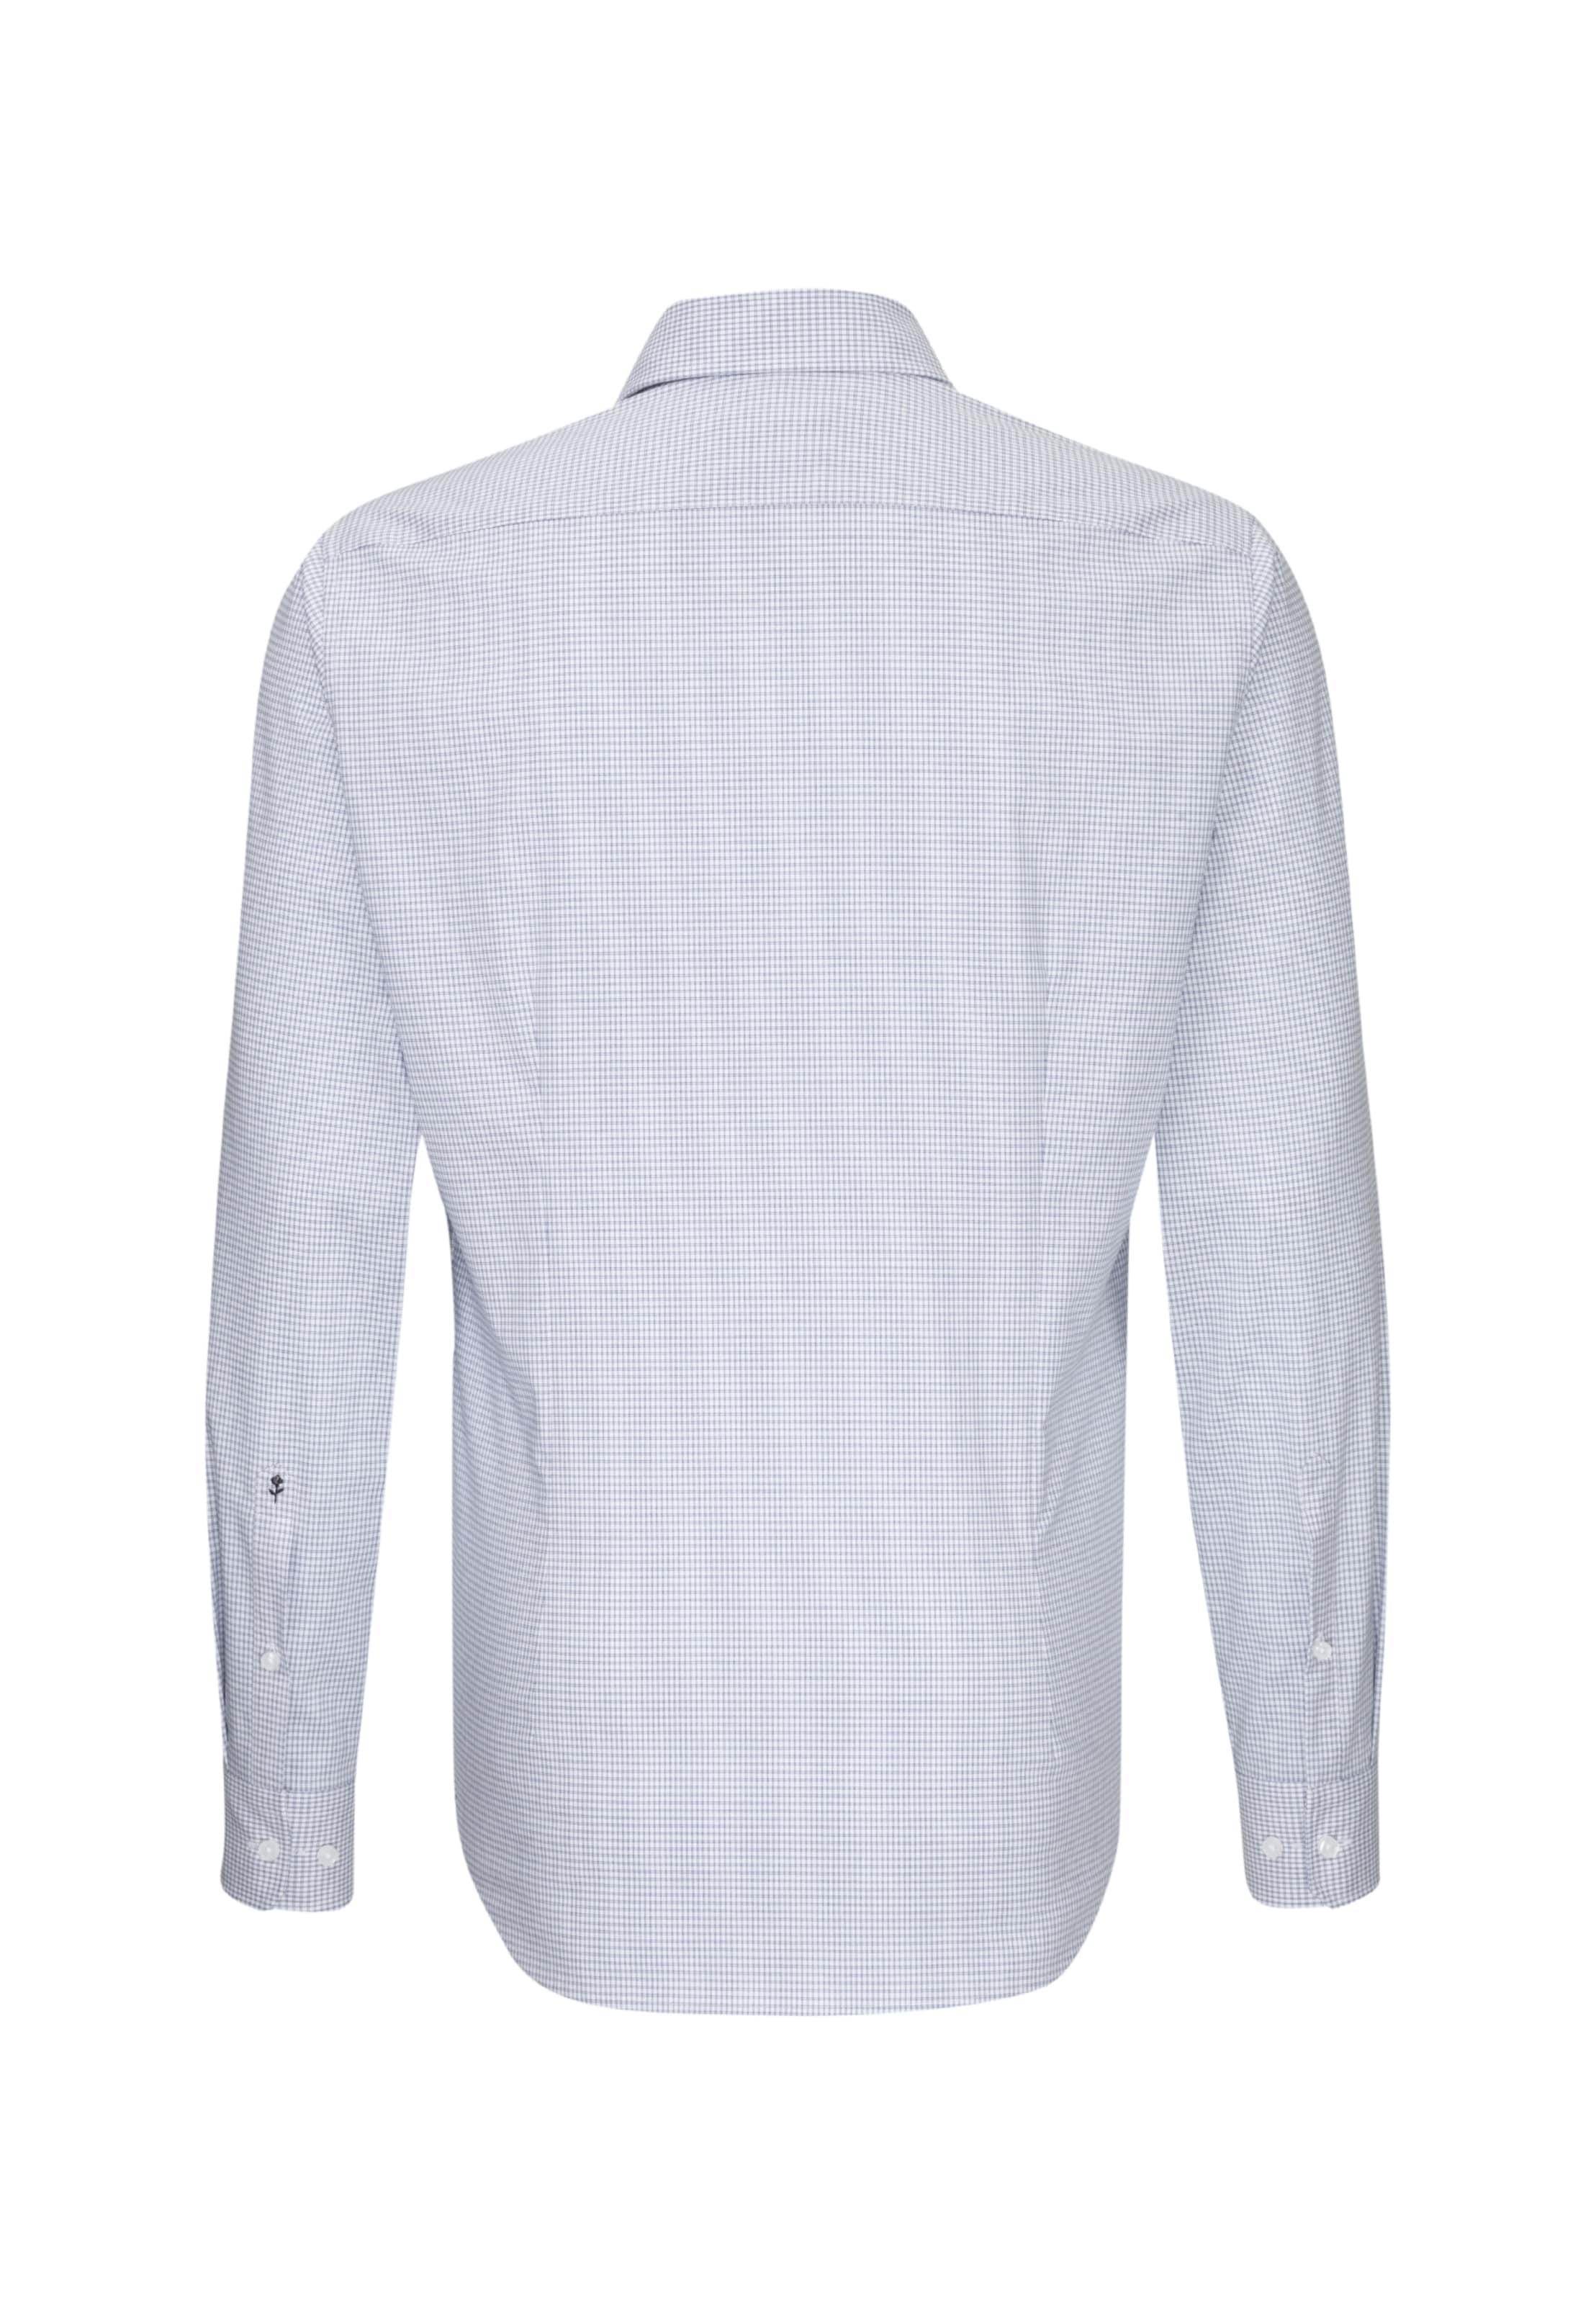 Seidensticker Hemd BlauHellblau Seidensticker Hemd In In wPXkN80OZn